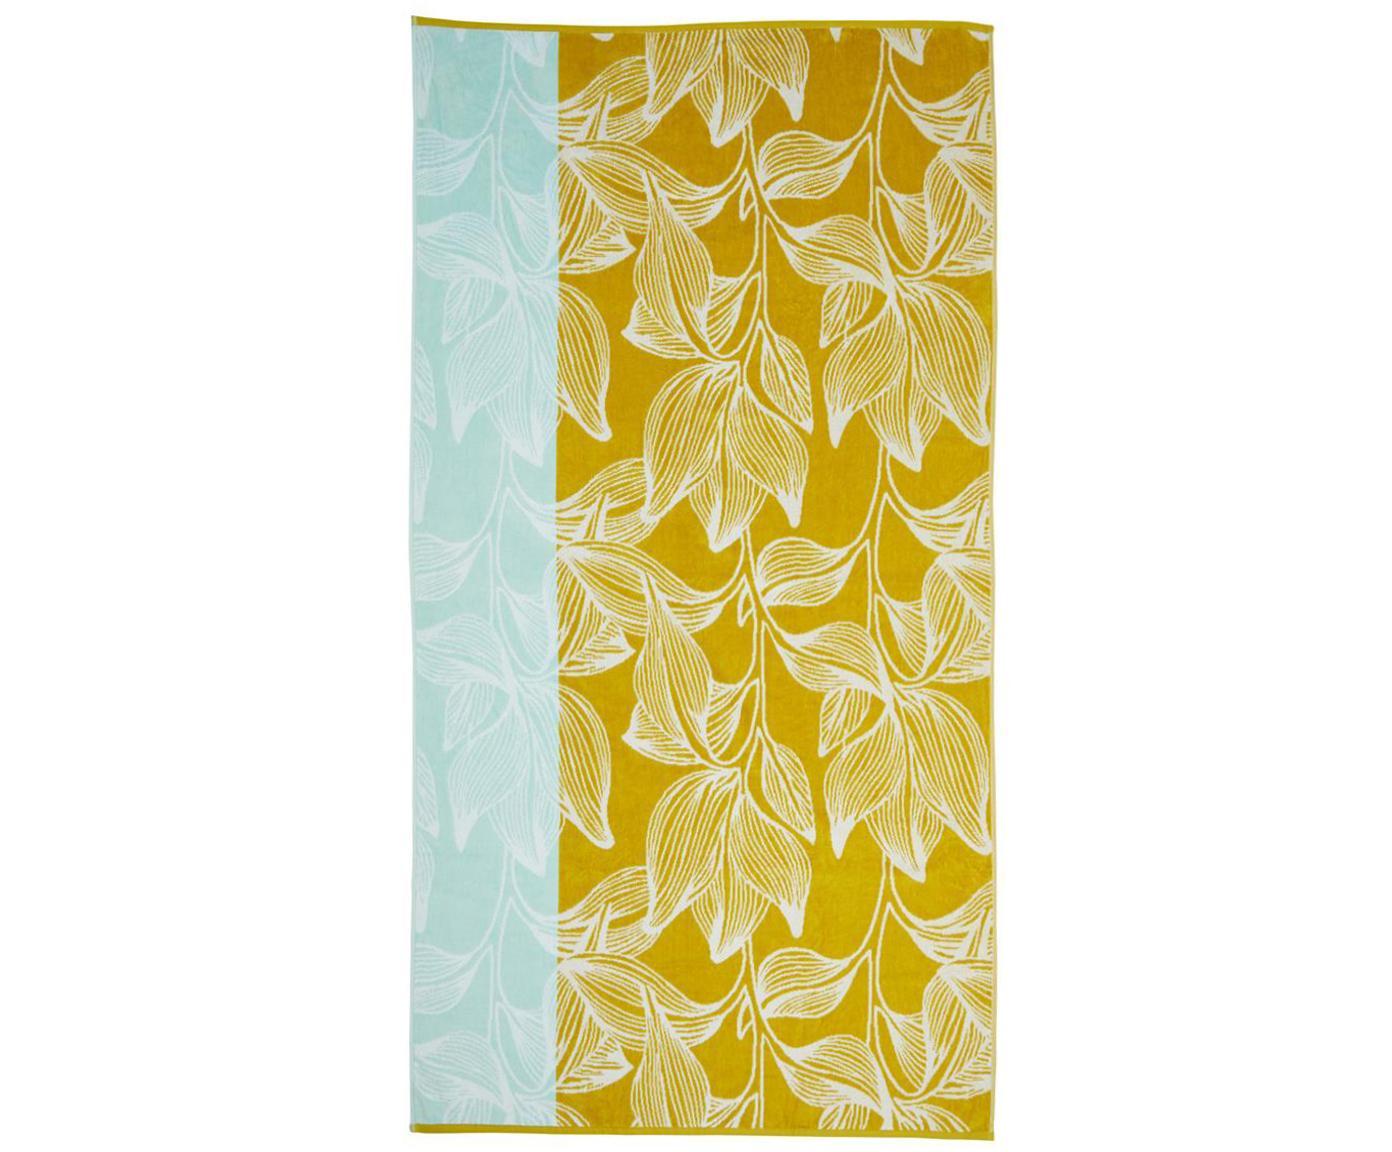 Strandlaken Mimosa, Katoen, lichte kwaliteit, 330g/m², Geel, lichtblauw, 100 x 180 cm